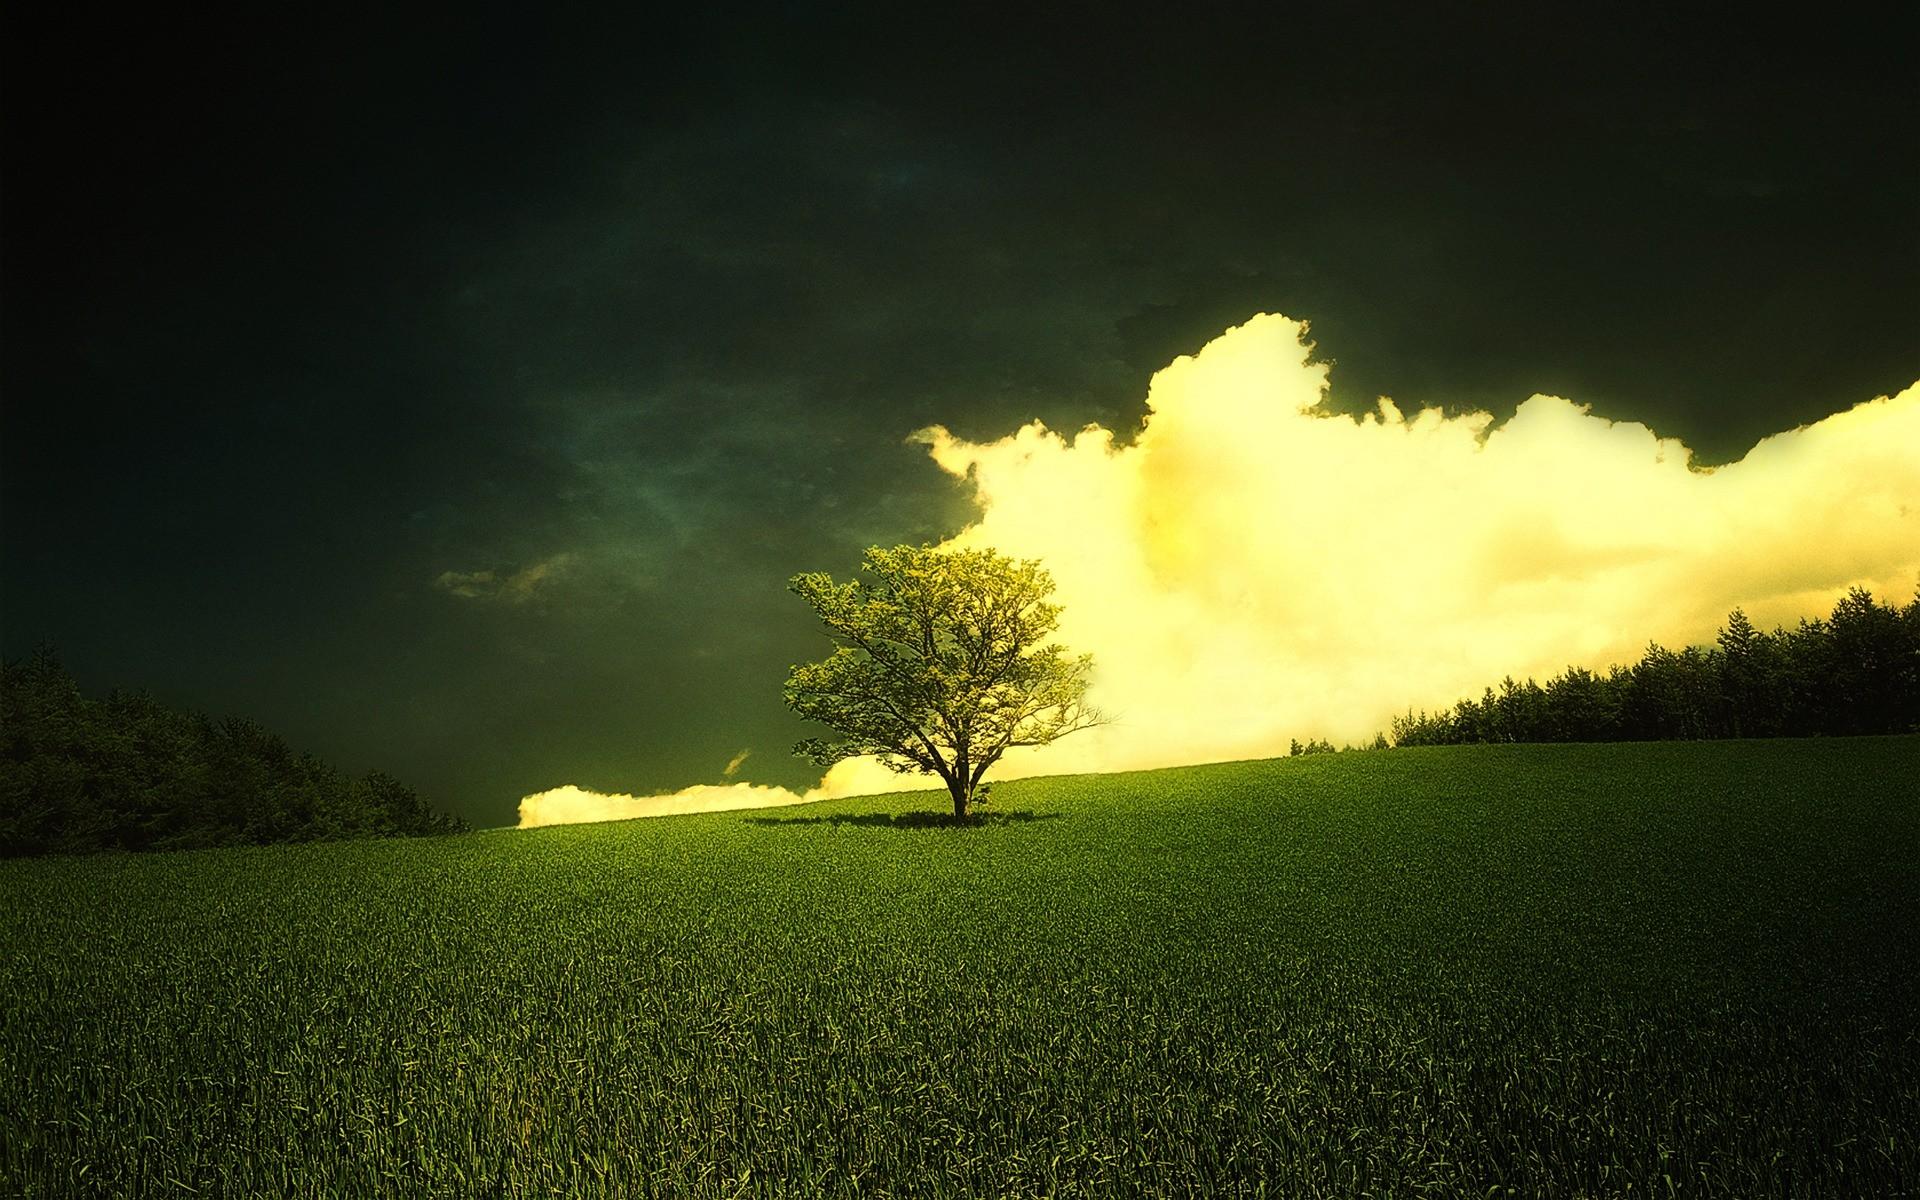 природа деревья горизонт трава бесплатно